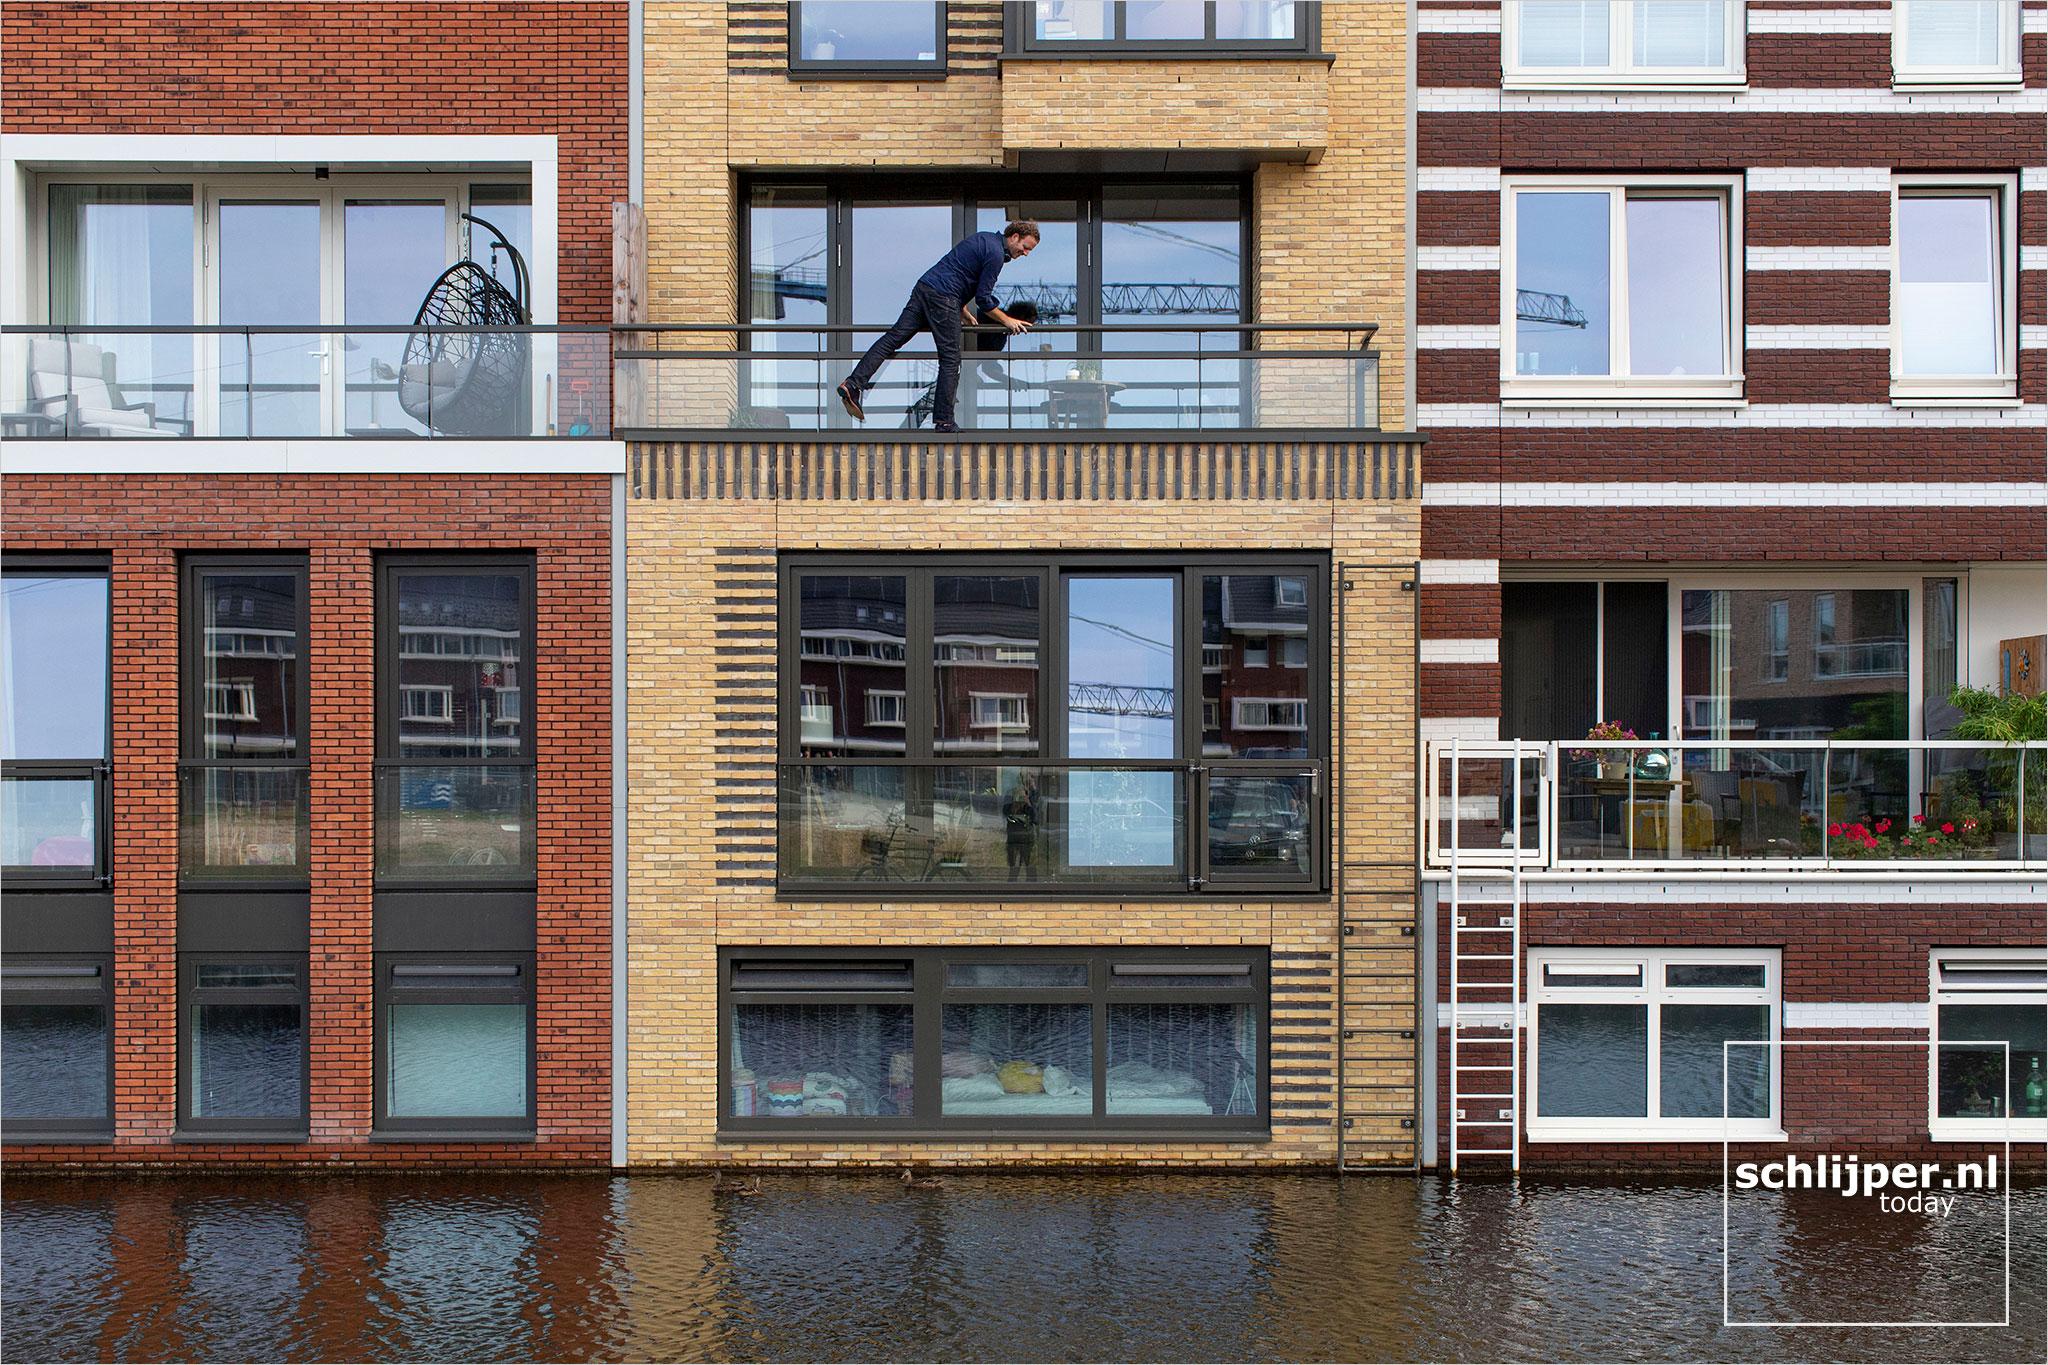 Nederland, Amsterdam, 17 september 2020